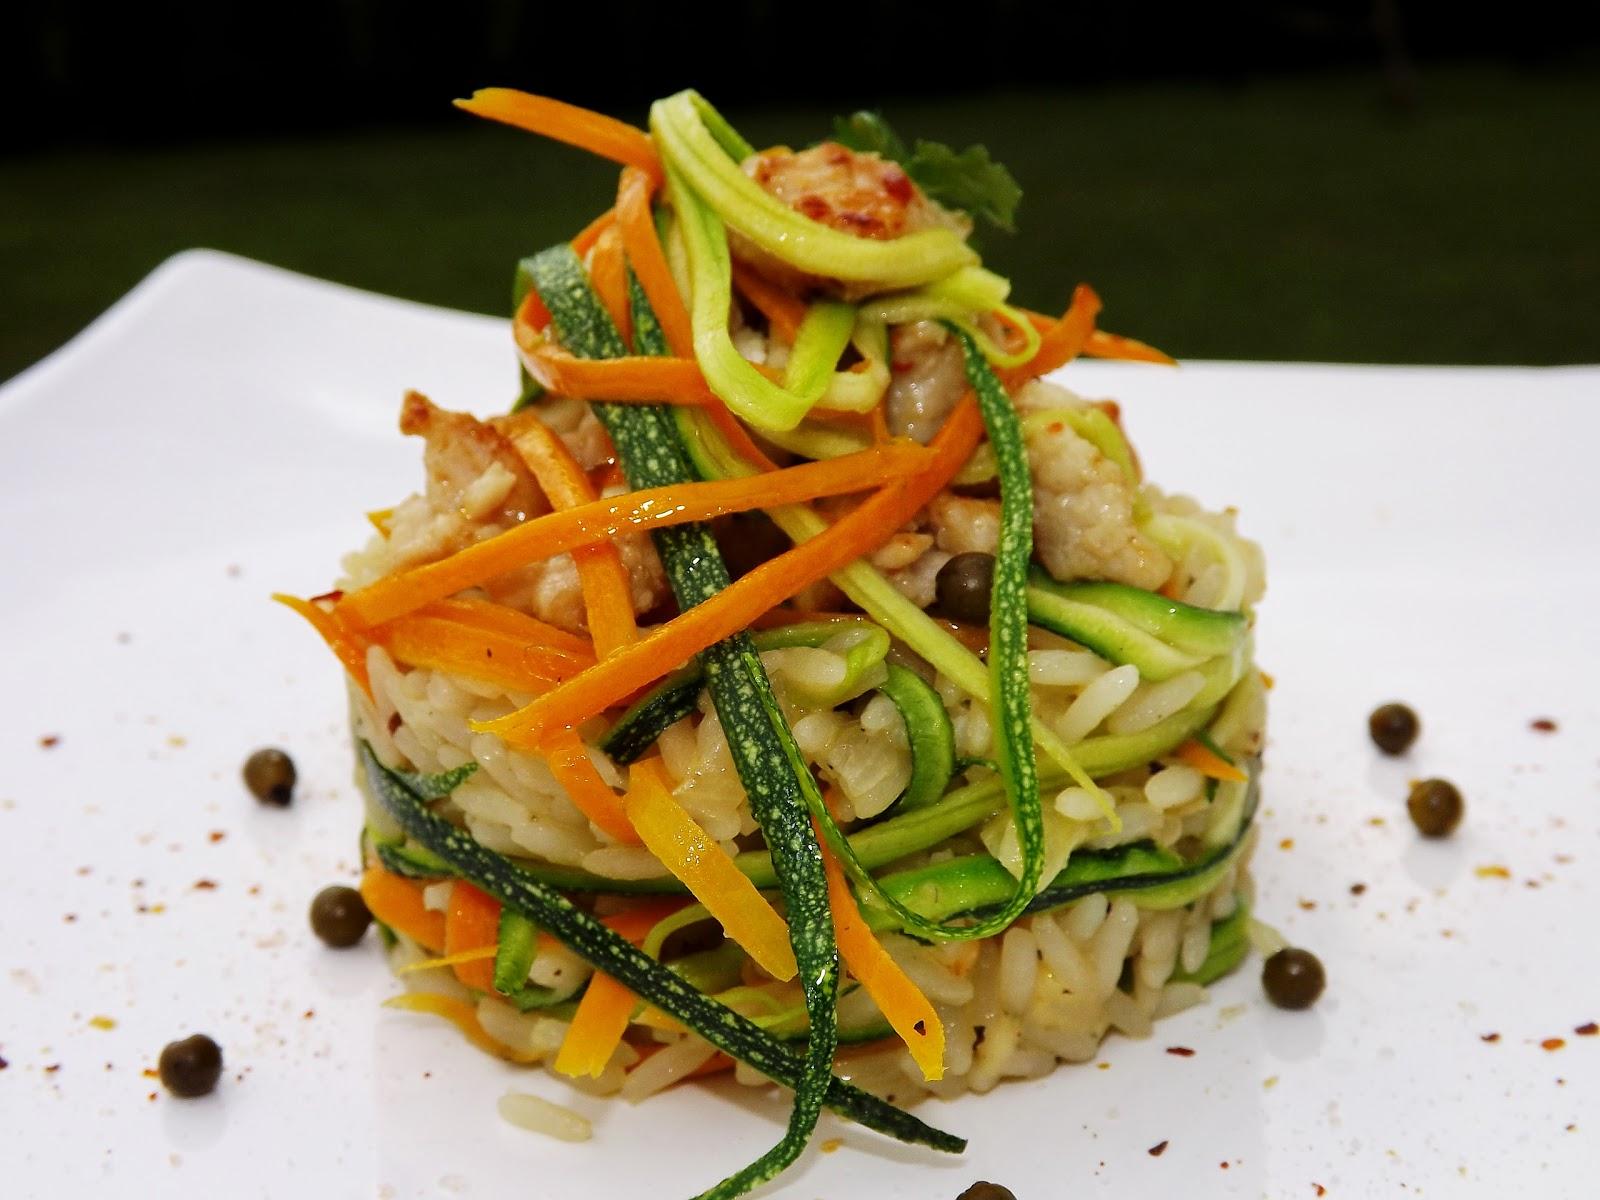 Risotto z ryżu parboiled, z warzywami i indykiem o nucie słodko chili